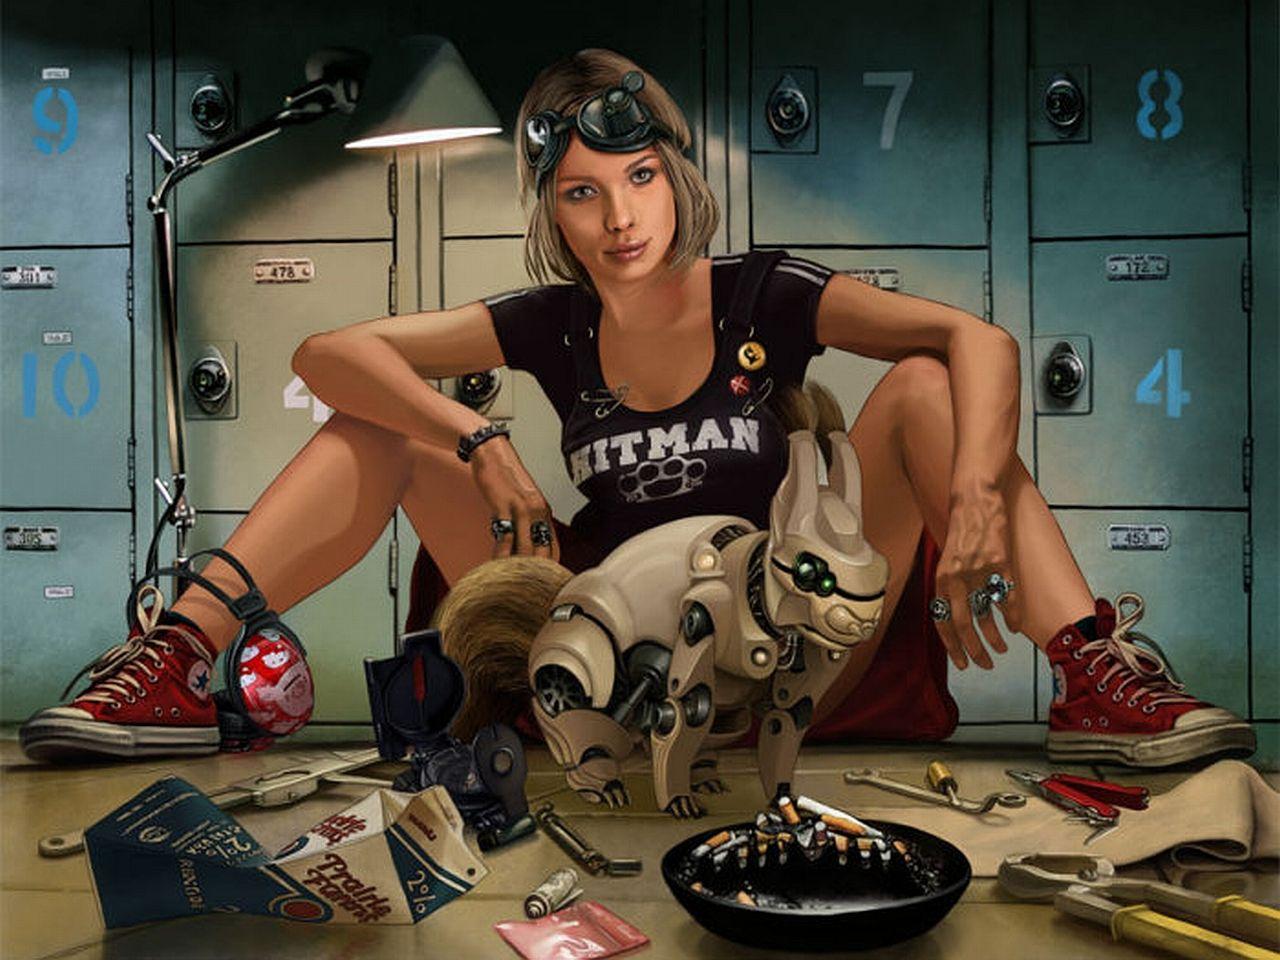 Sci Fi Women Wallpaper Hot Cyberpunk Science Fiction